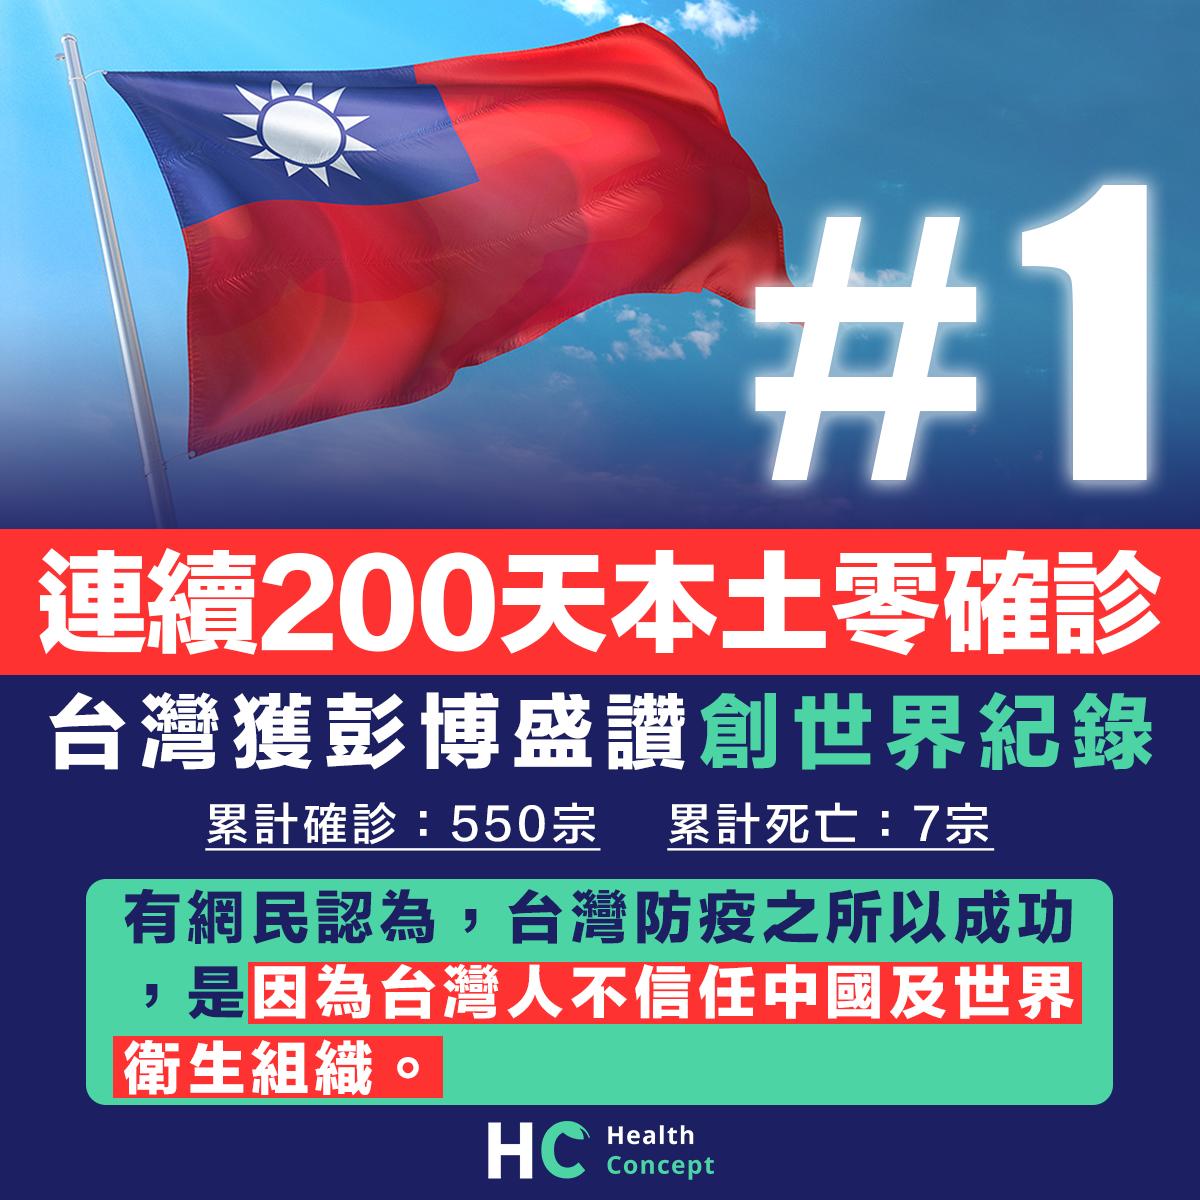 連續200天本土零確診 台灣獲彭博盛讚創世界紀錄